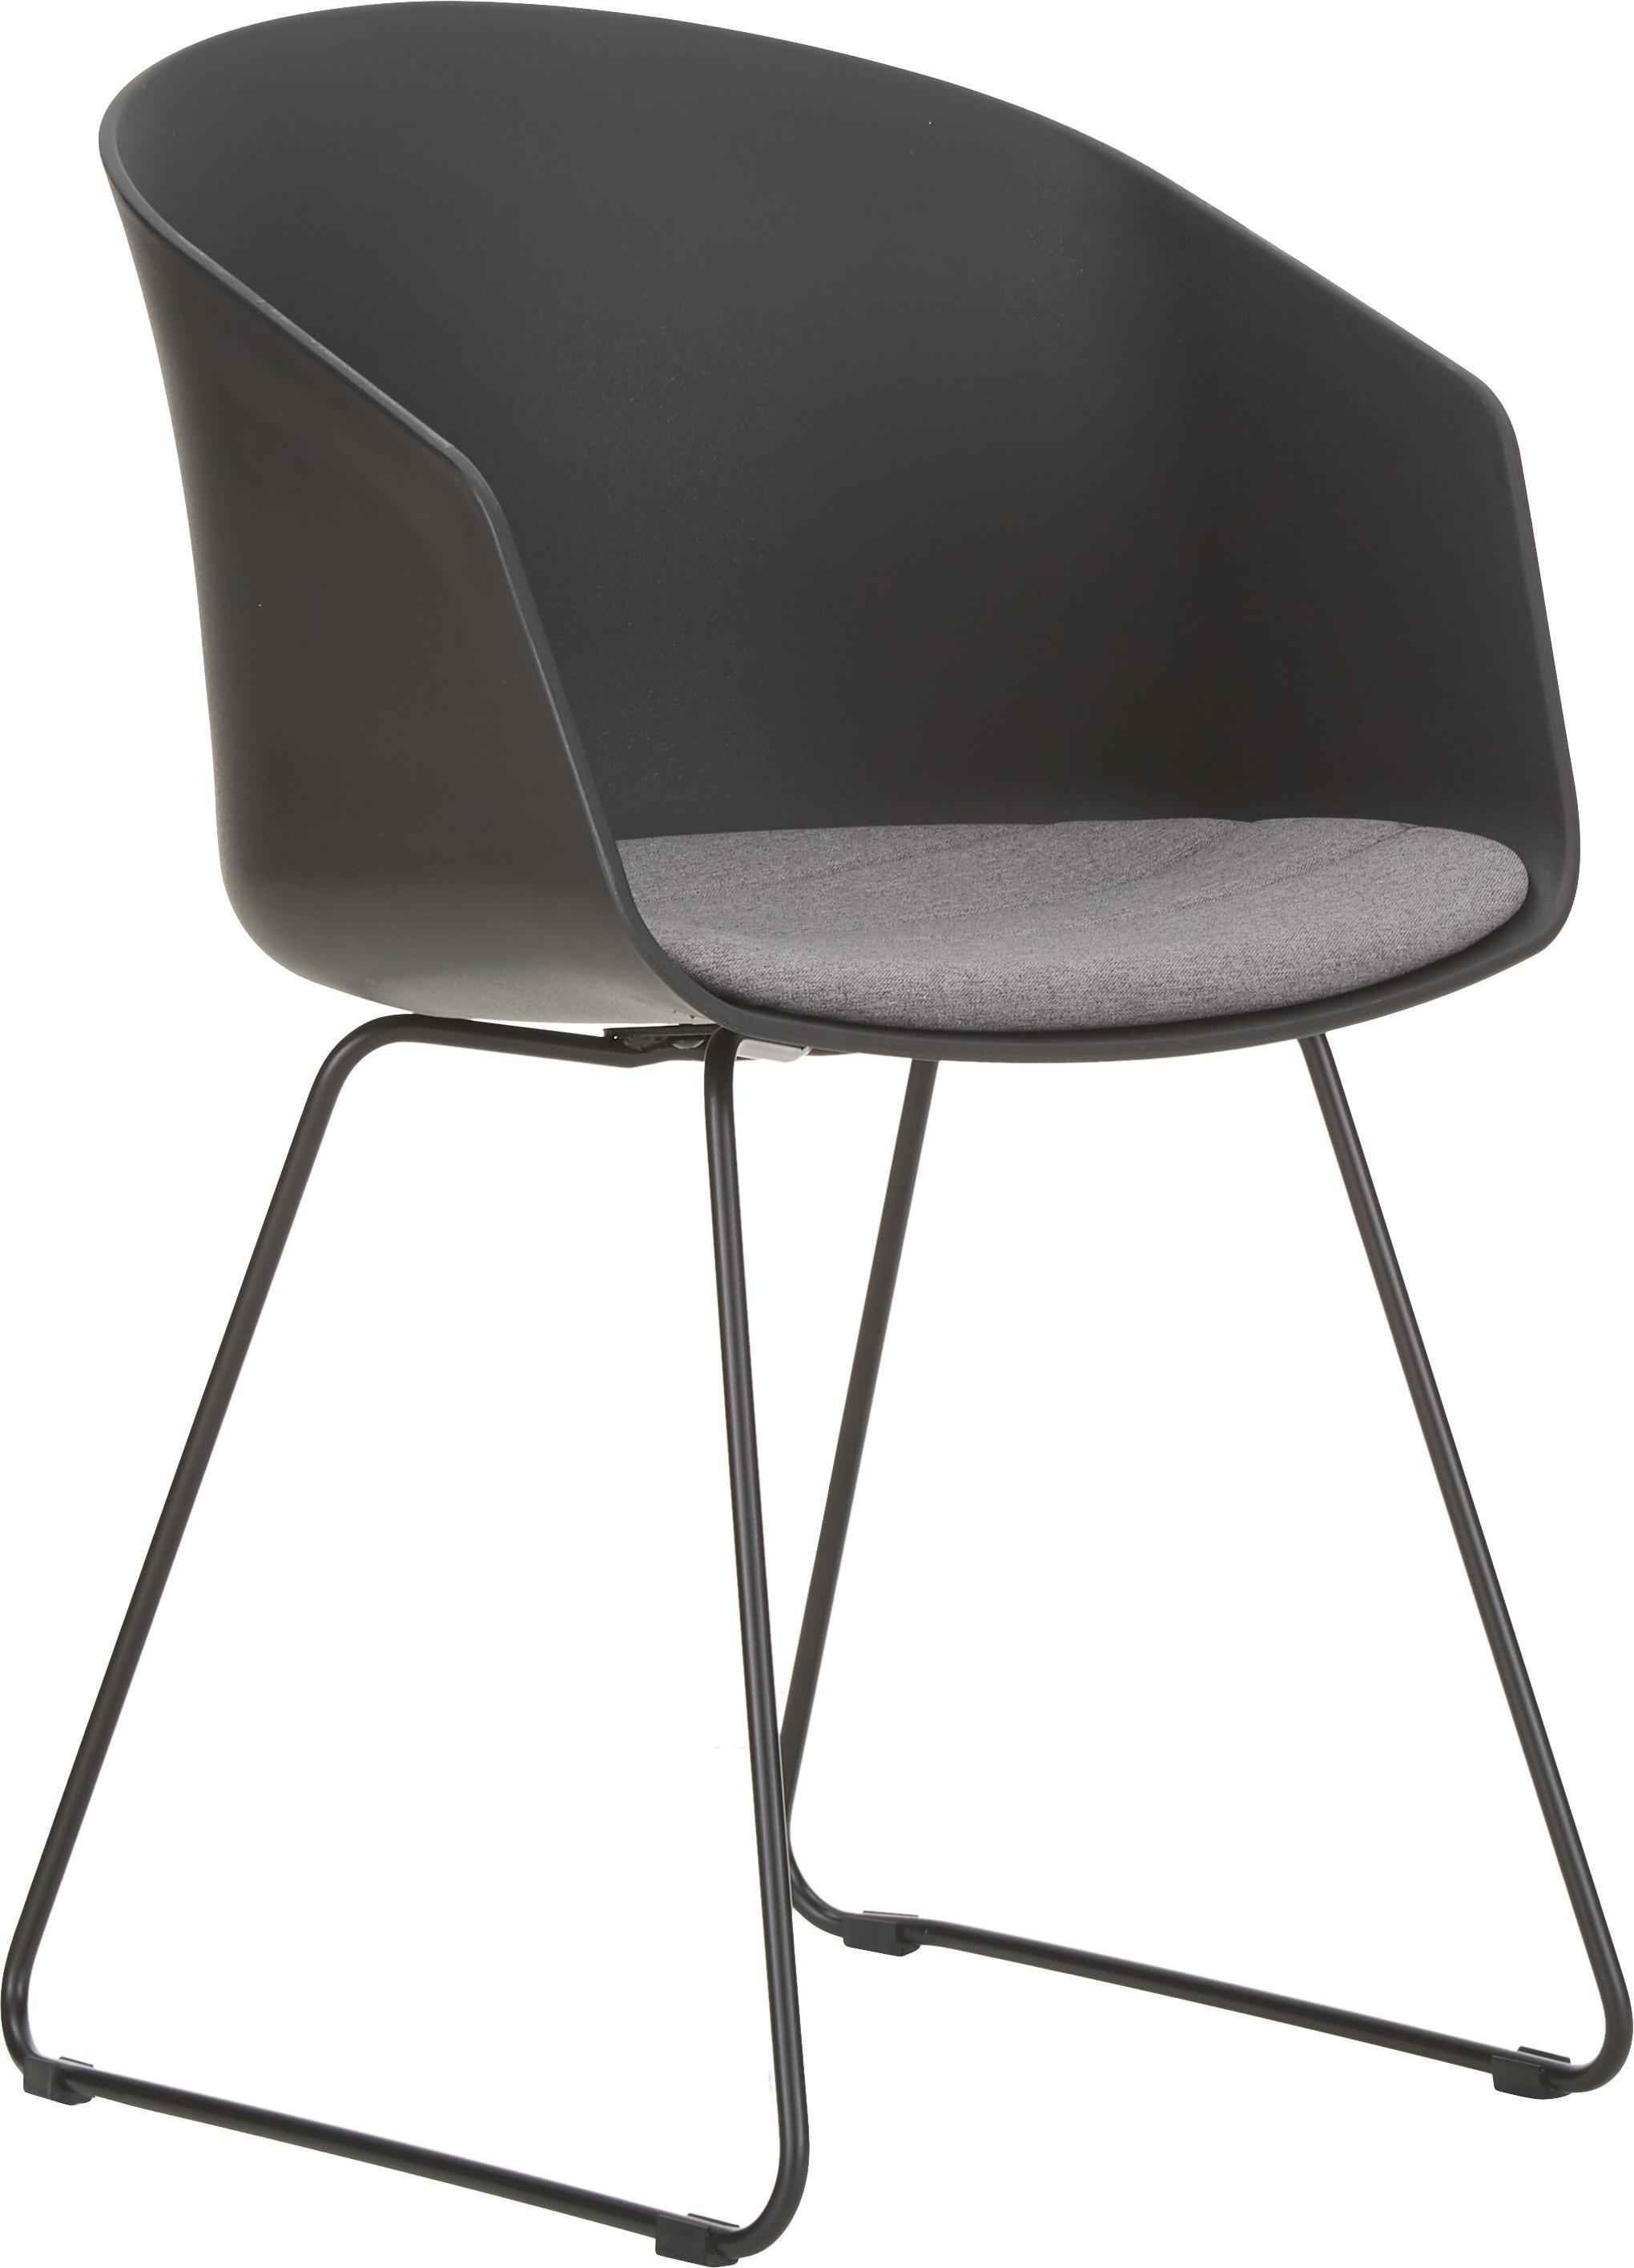 Armlehnstühle Bogart mit Sitzkissen, 2 Stück, Sitzschale: Kunststoff, Bezug: Polyester, Beine: Metall, lackiert, Schwarz, B 51 x T 52 cm